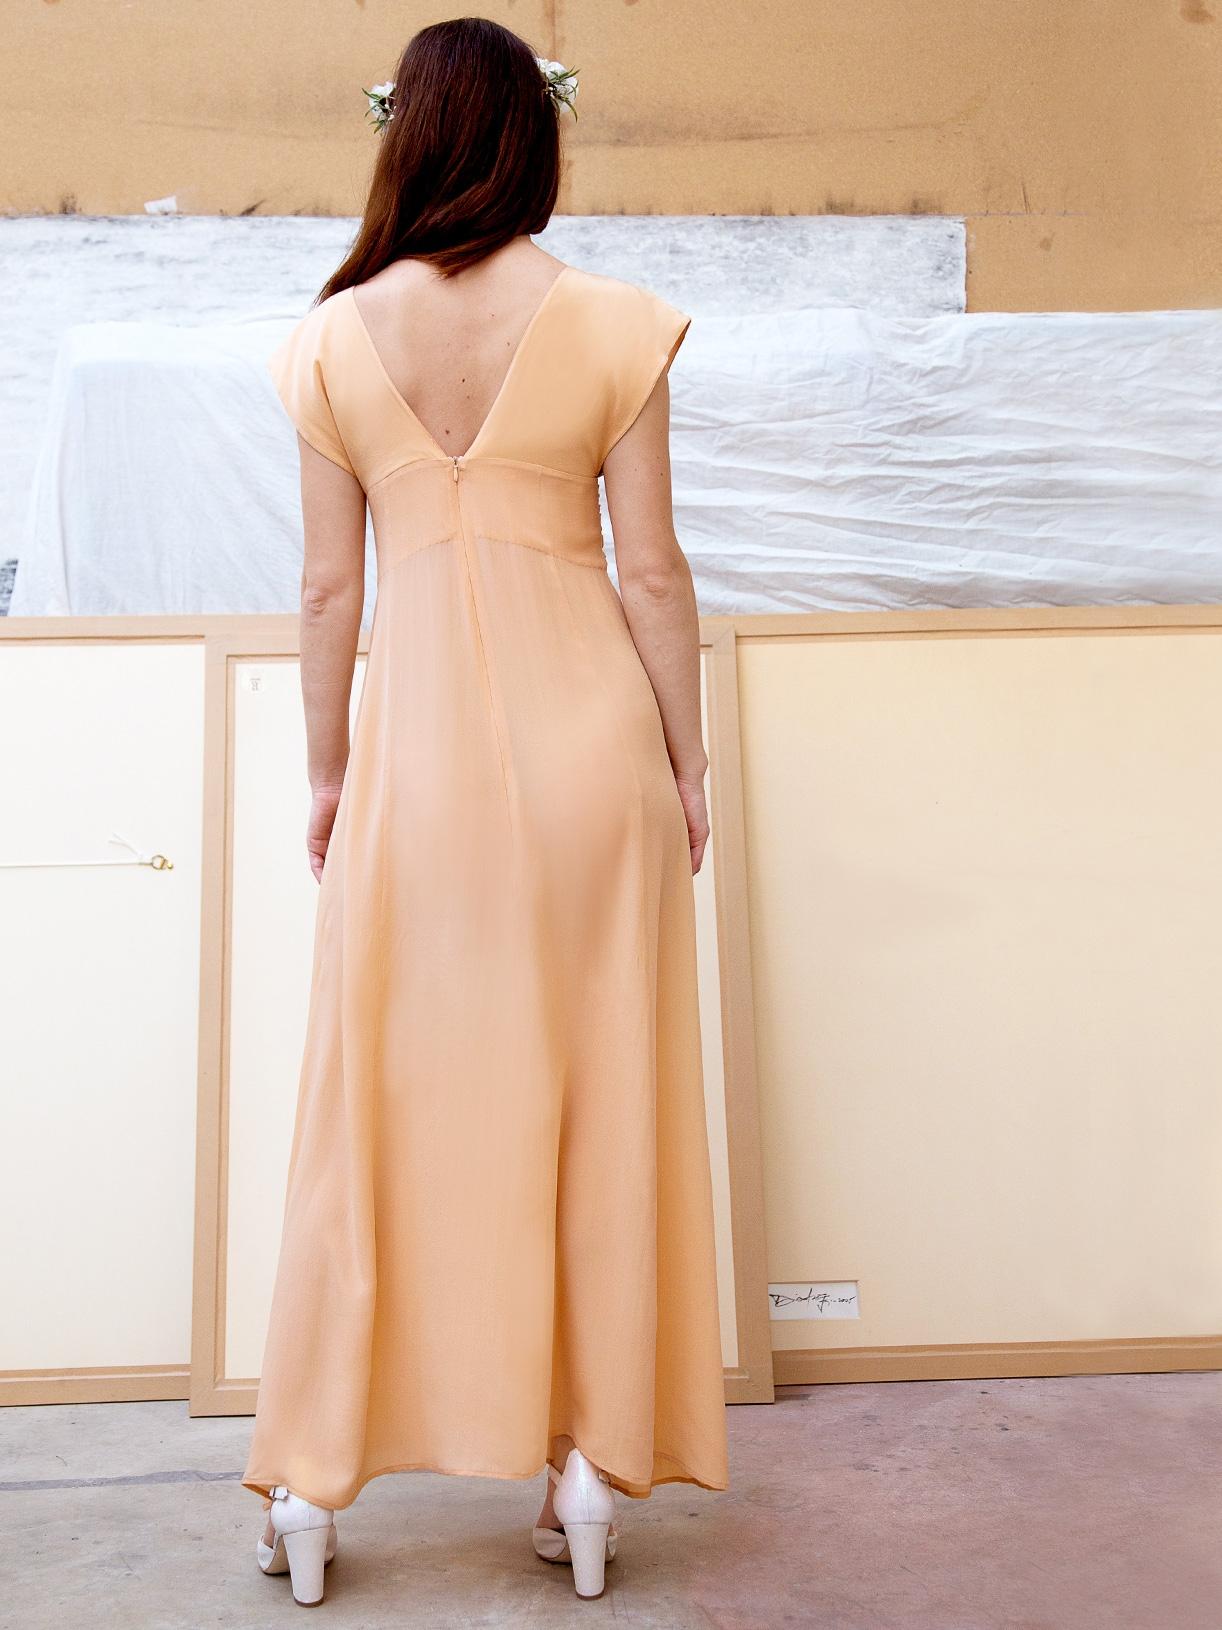 Gabrielle - Robe de mariée longue et boheme pour mariage civil ethique et bio - Myphilosophy